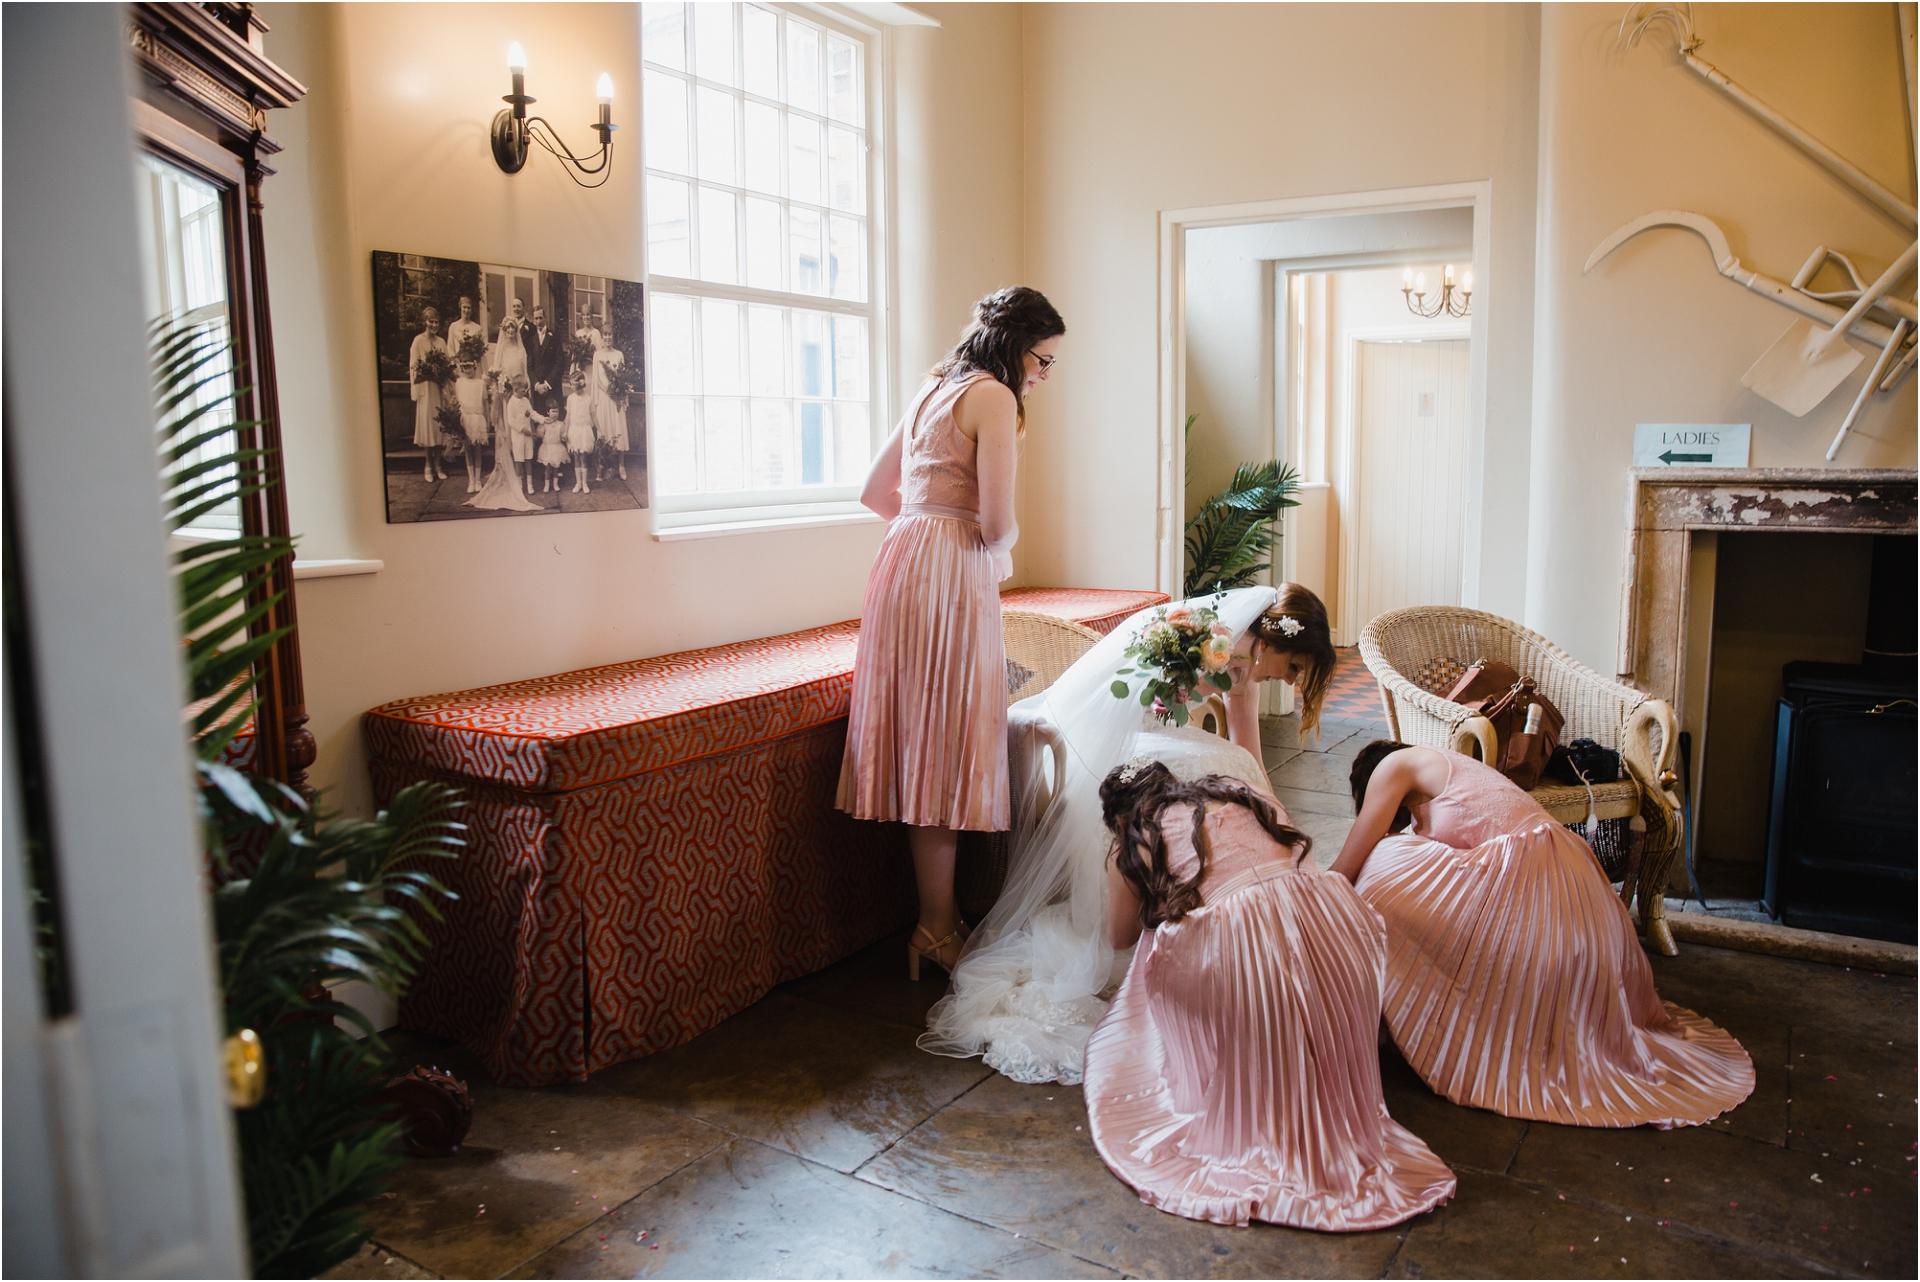 bridesmaid squad goals